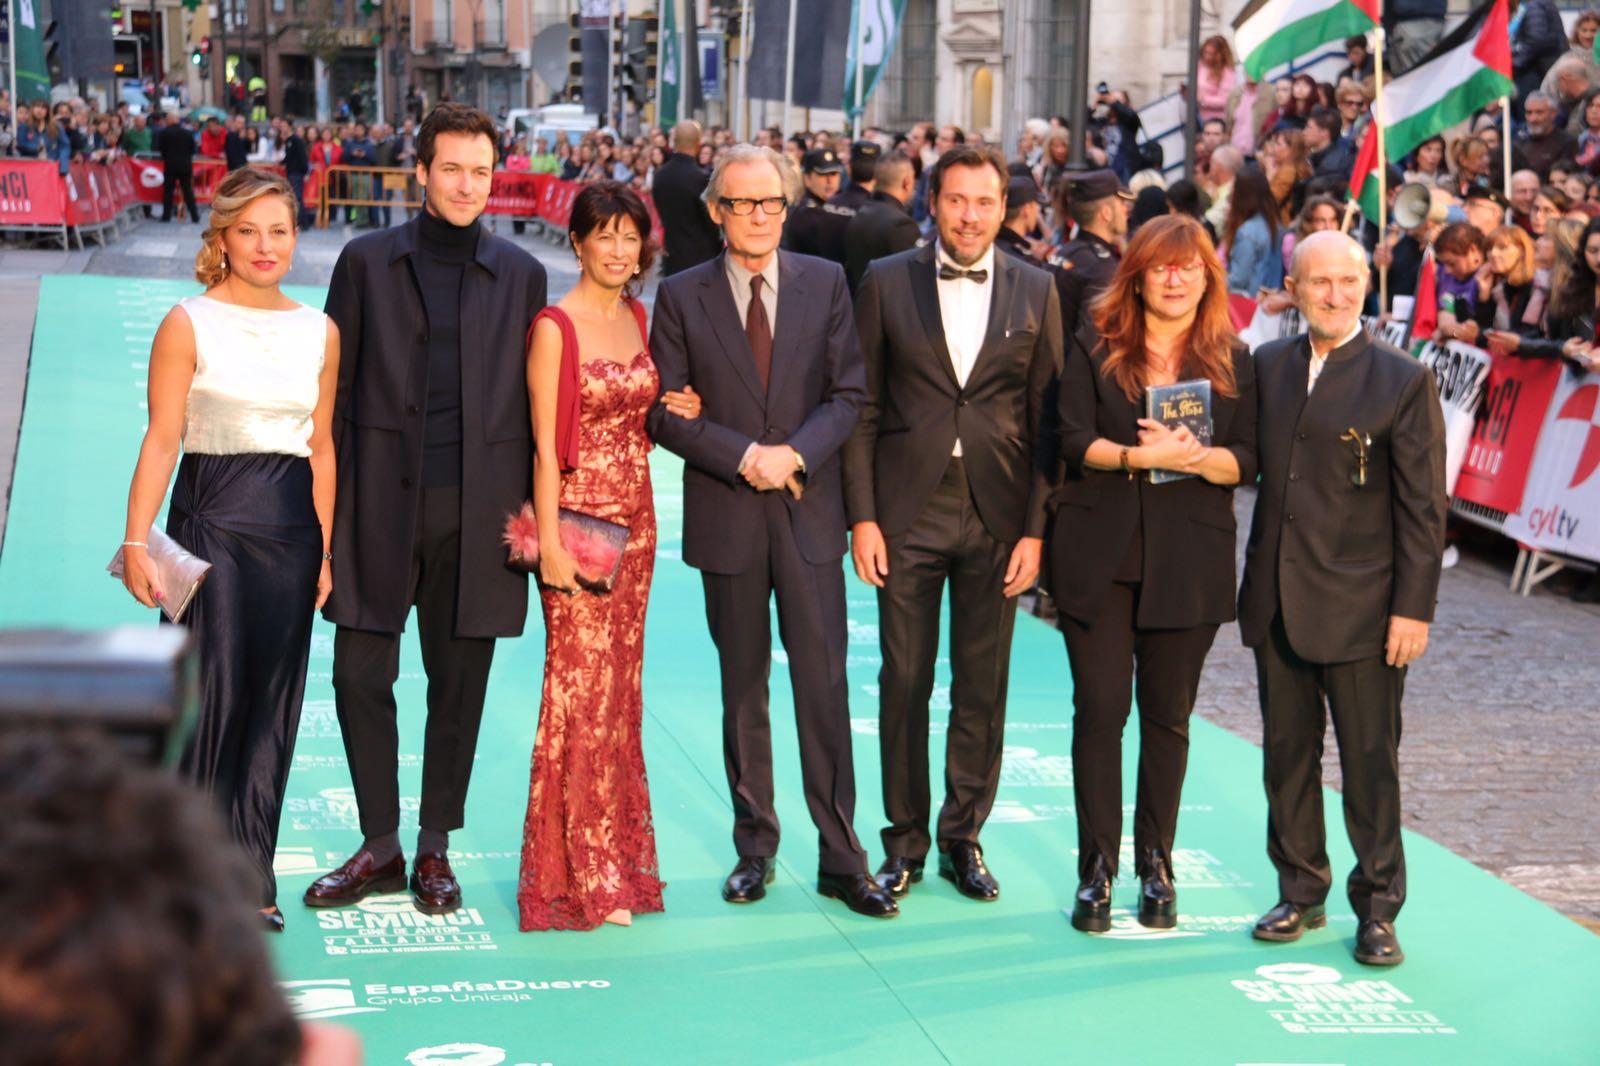 62 SEMINCI. Arranca la Semana Internacional de Cine de Valladolid de la mano de José Corbacho